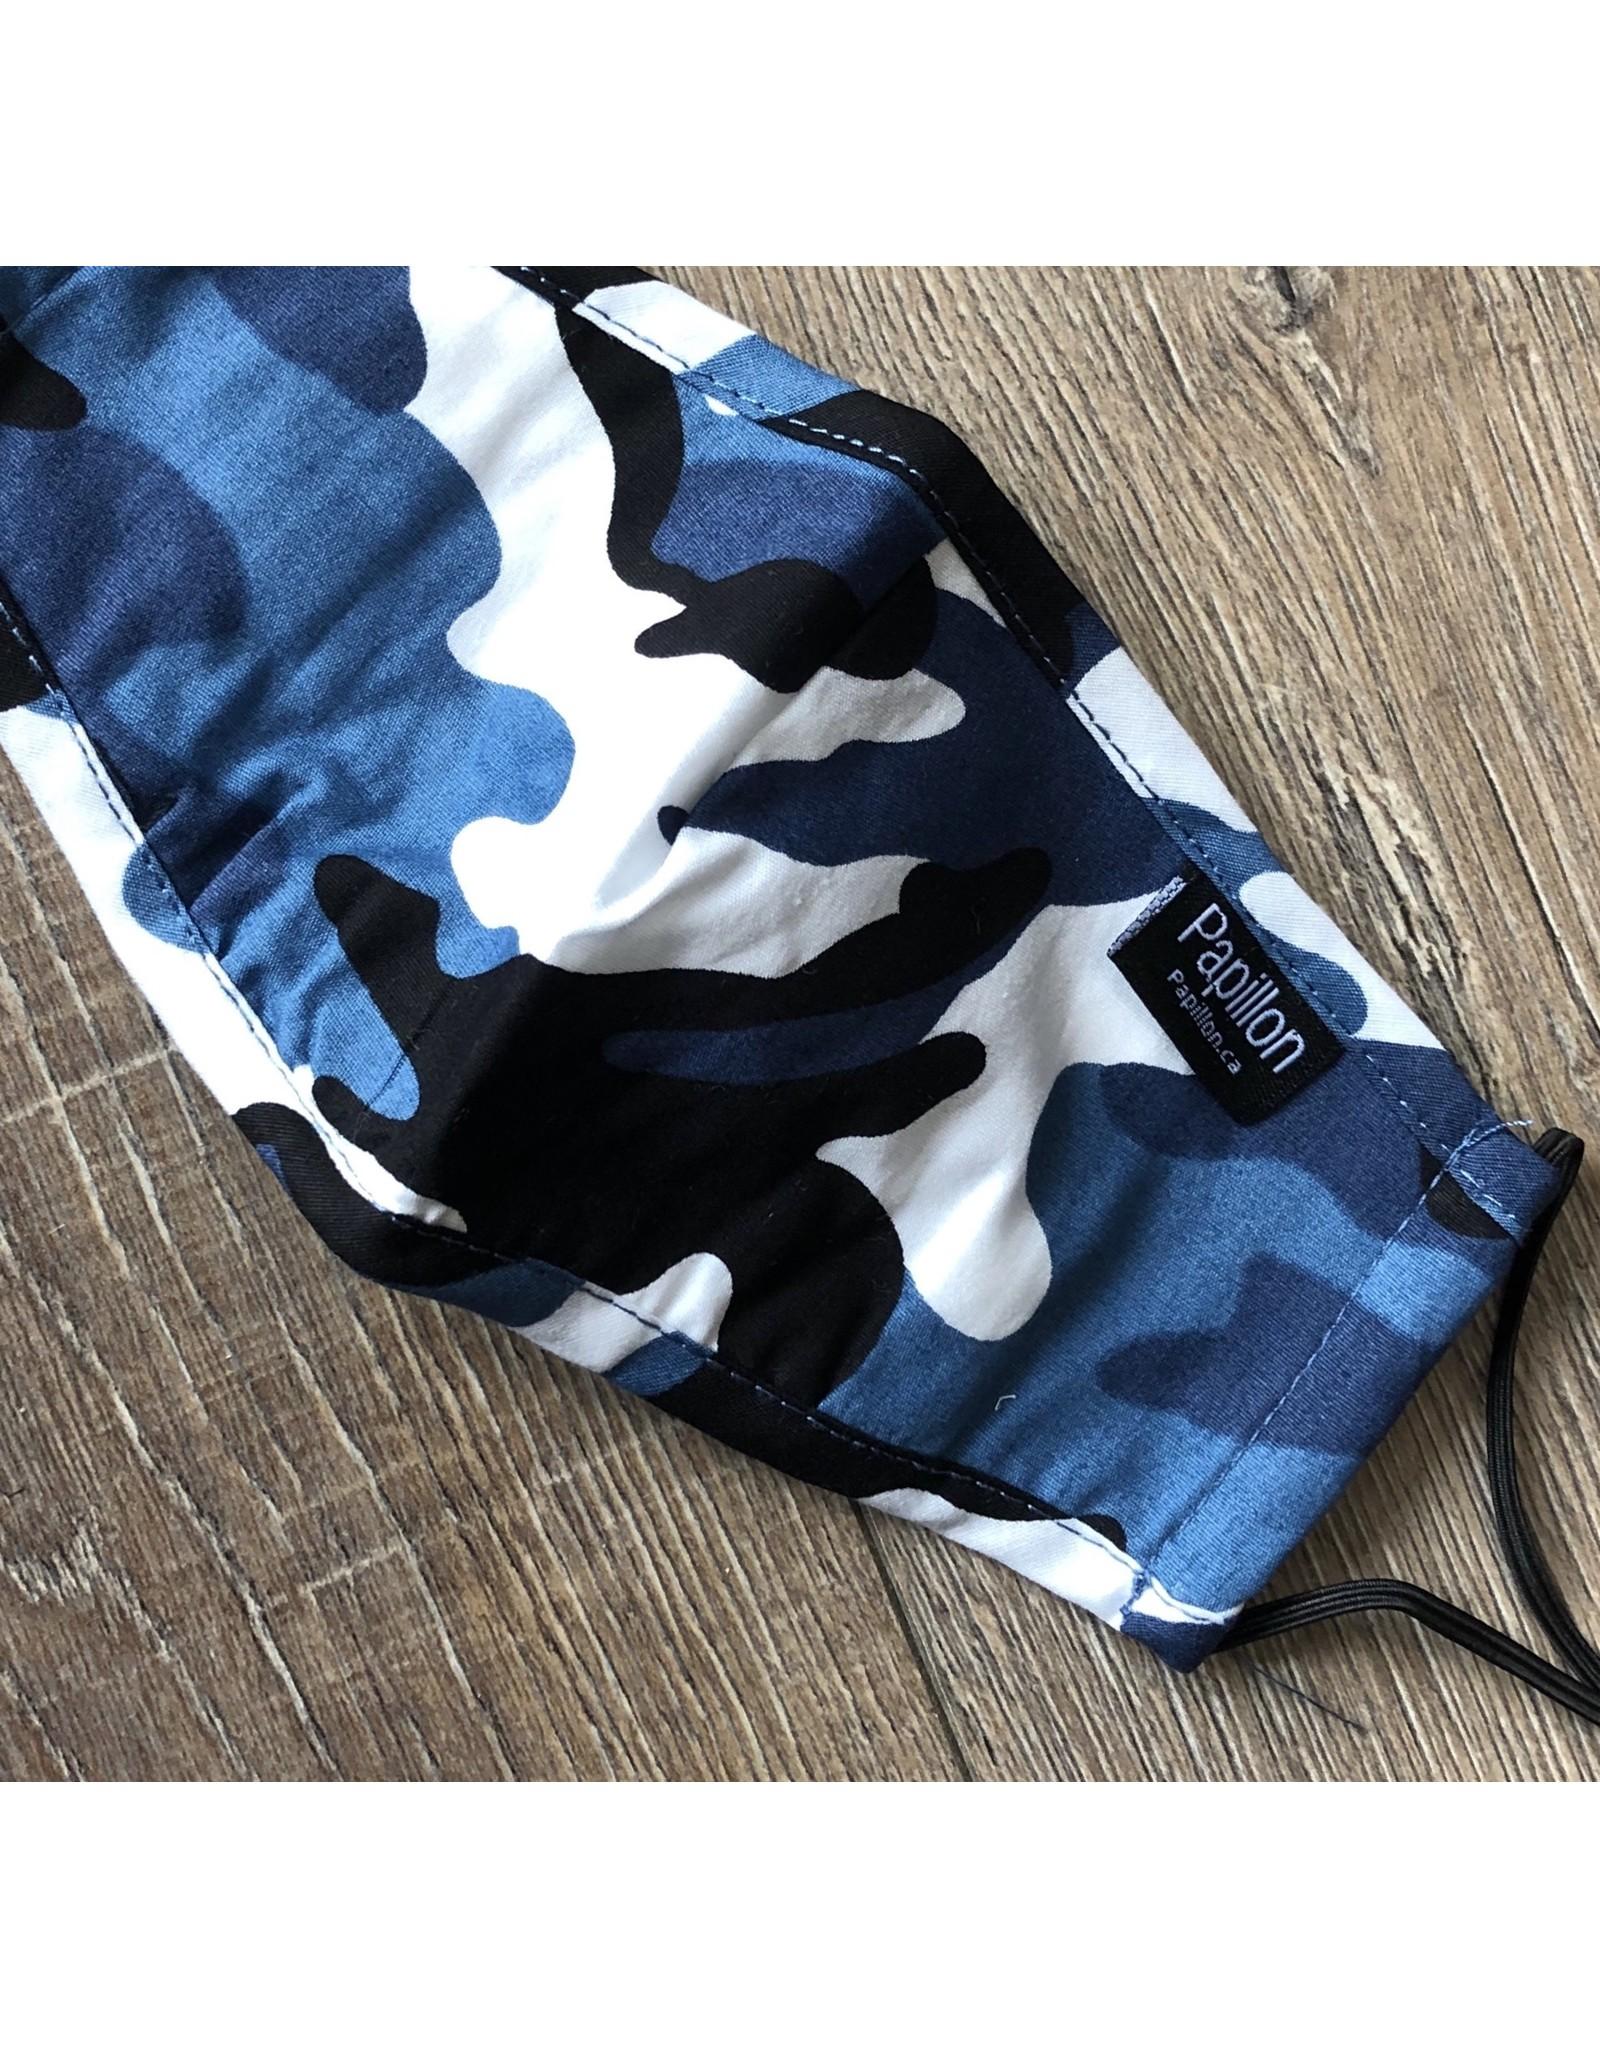 Papillon Papillon - KIDS SIZE - Camo print cotton mask (blue)